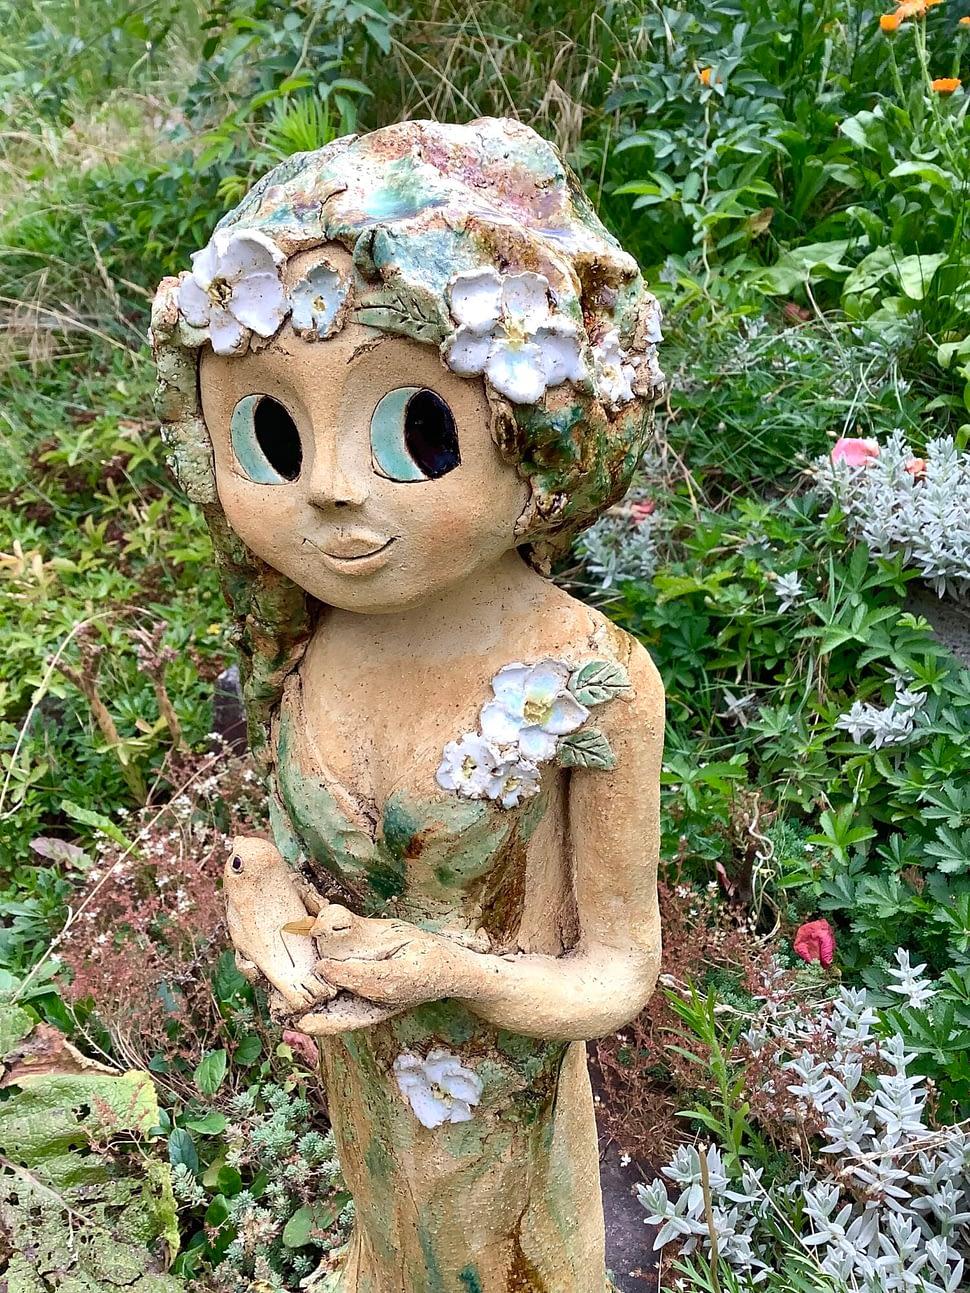 lesni víla květina strom zasněná Socha dekorace zahrada keramika keramikaandee